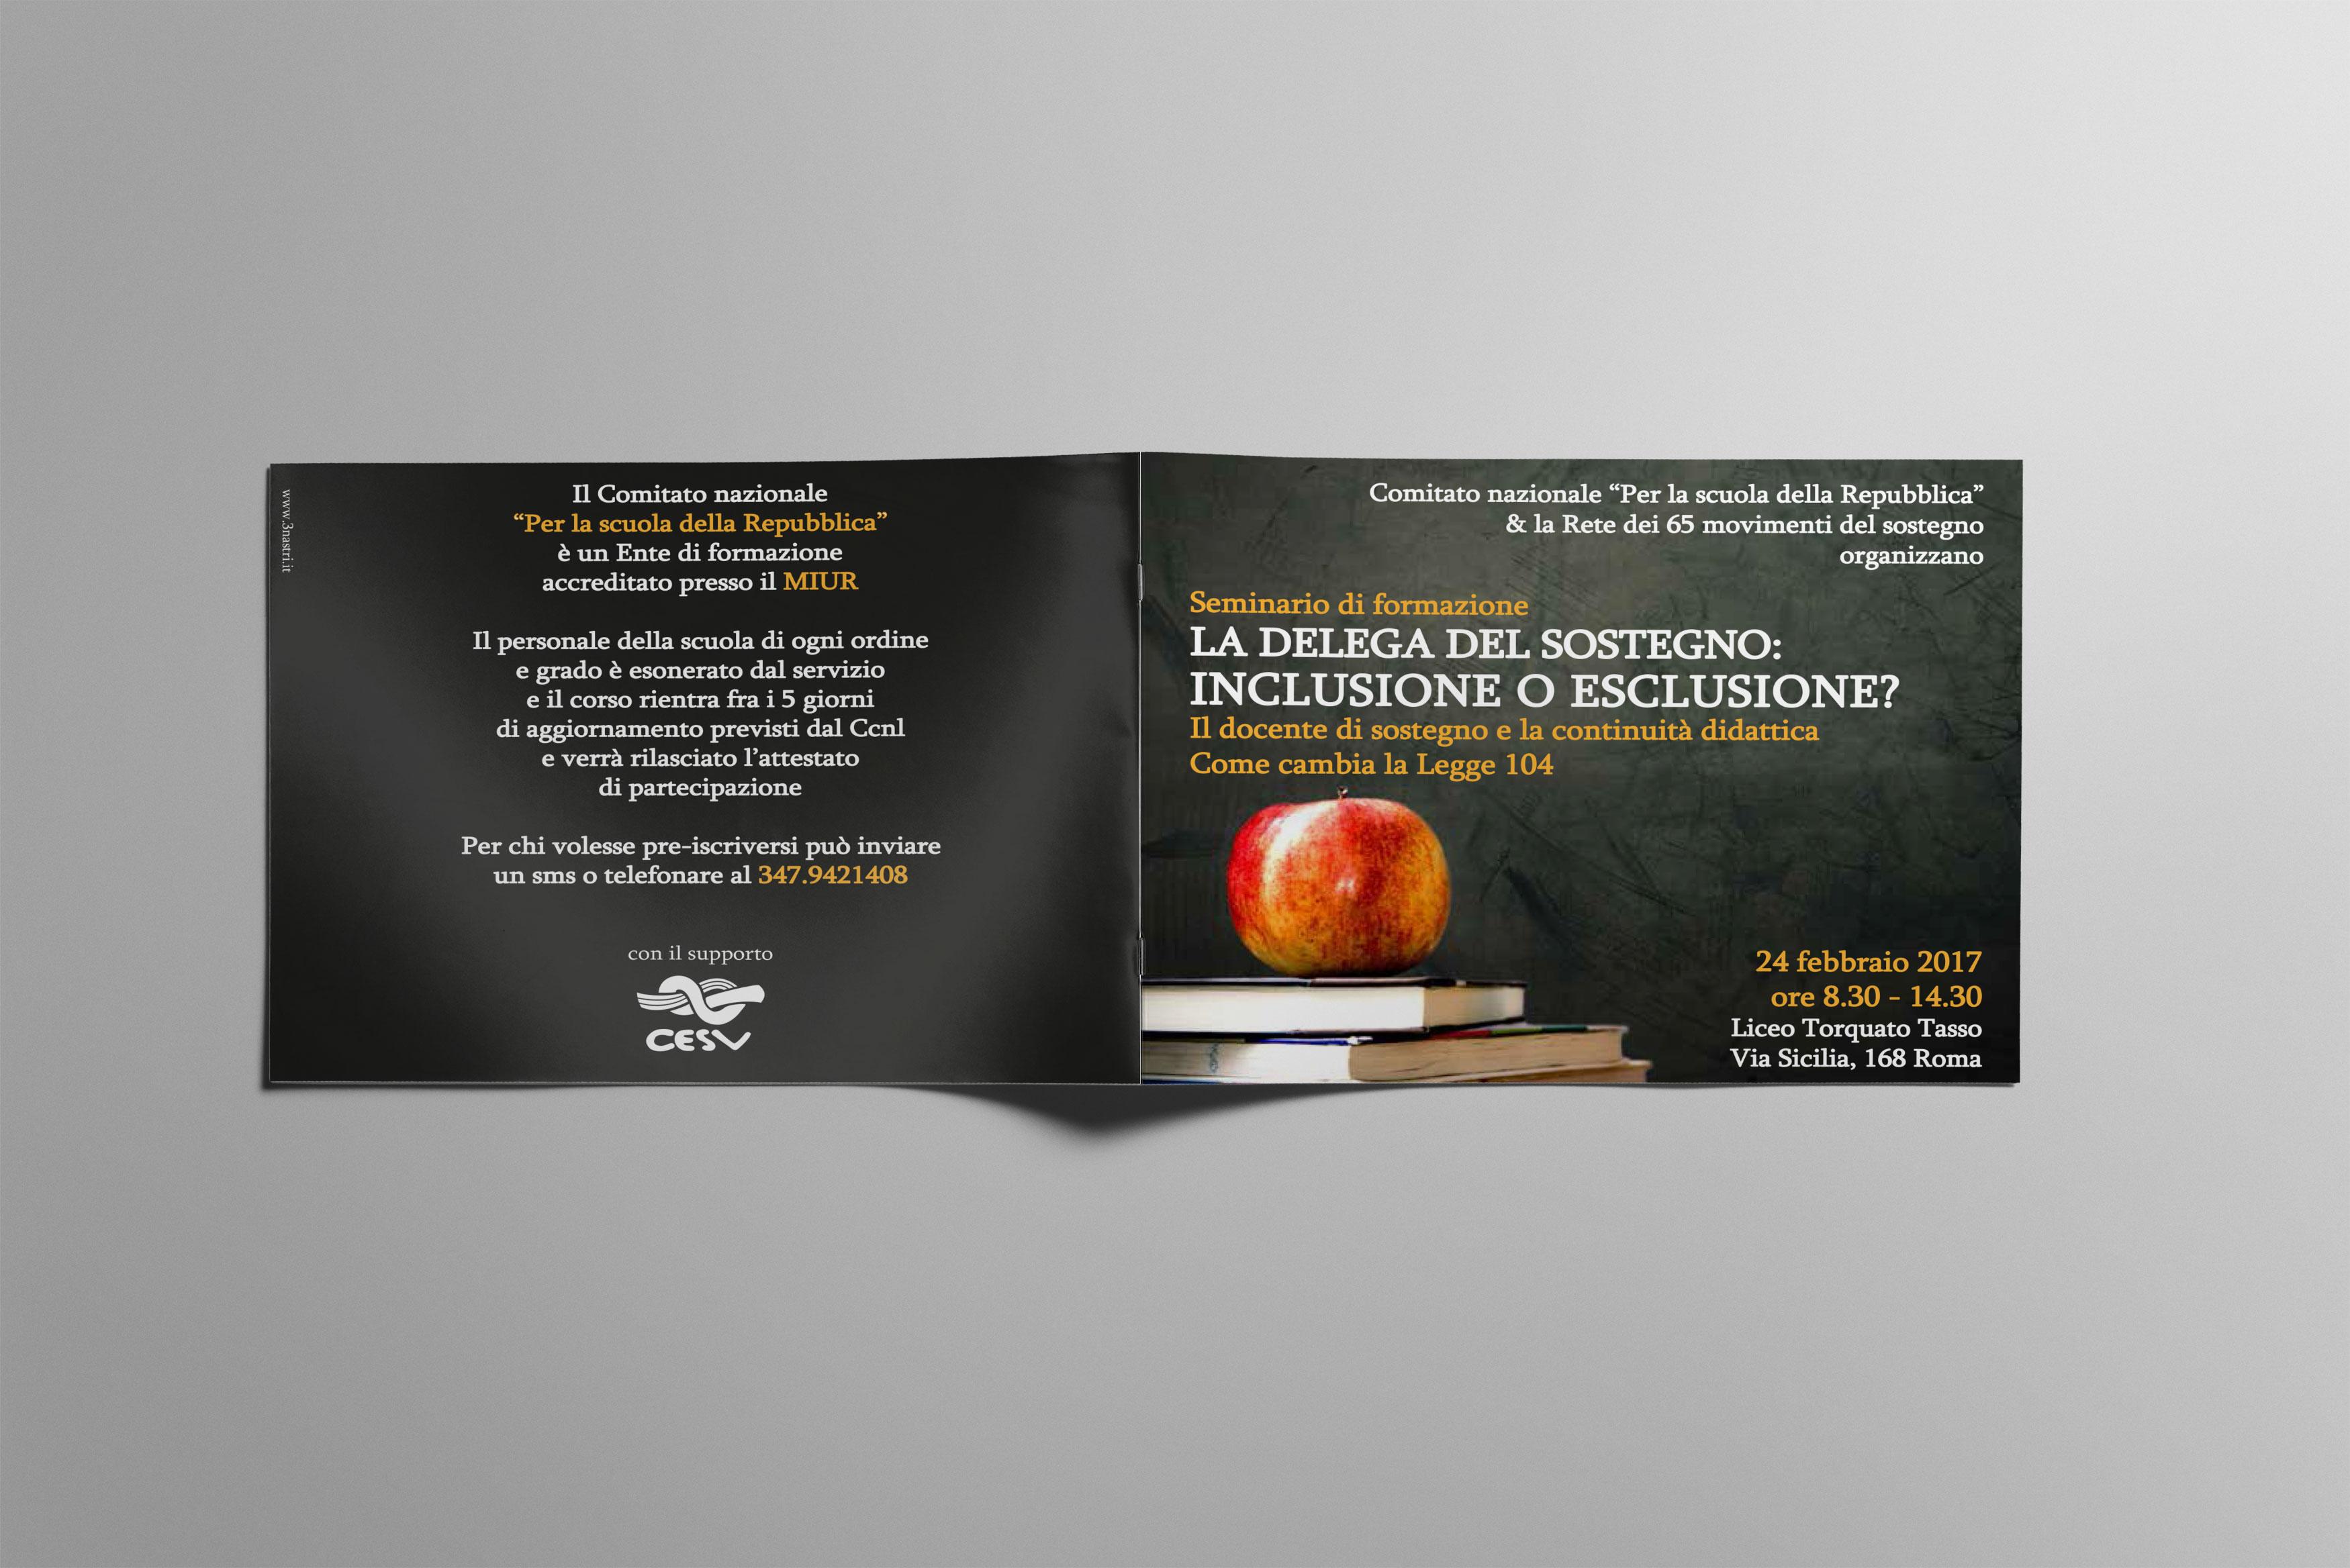 Scuola-della-Repubblica-brochure